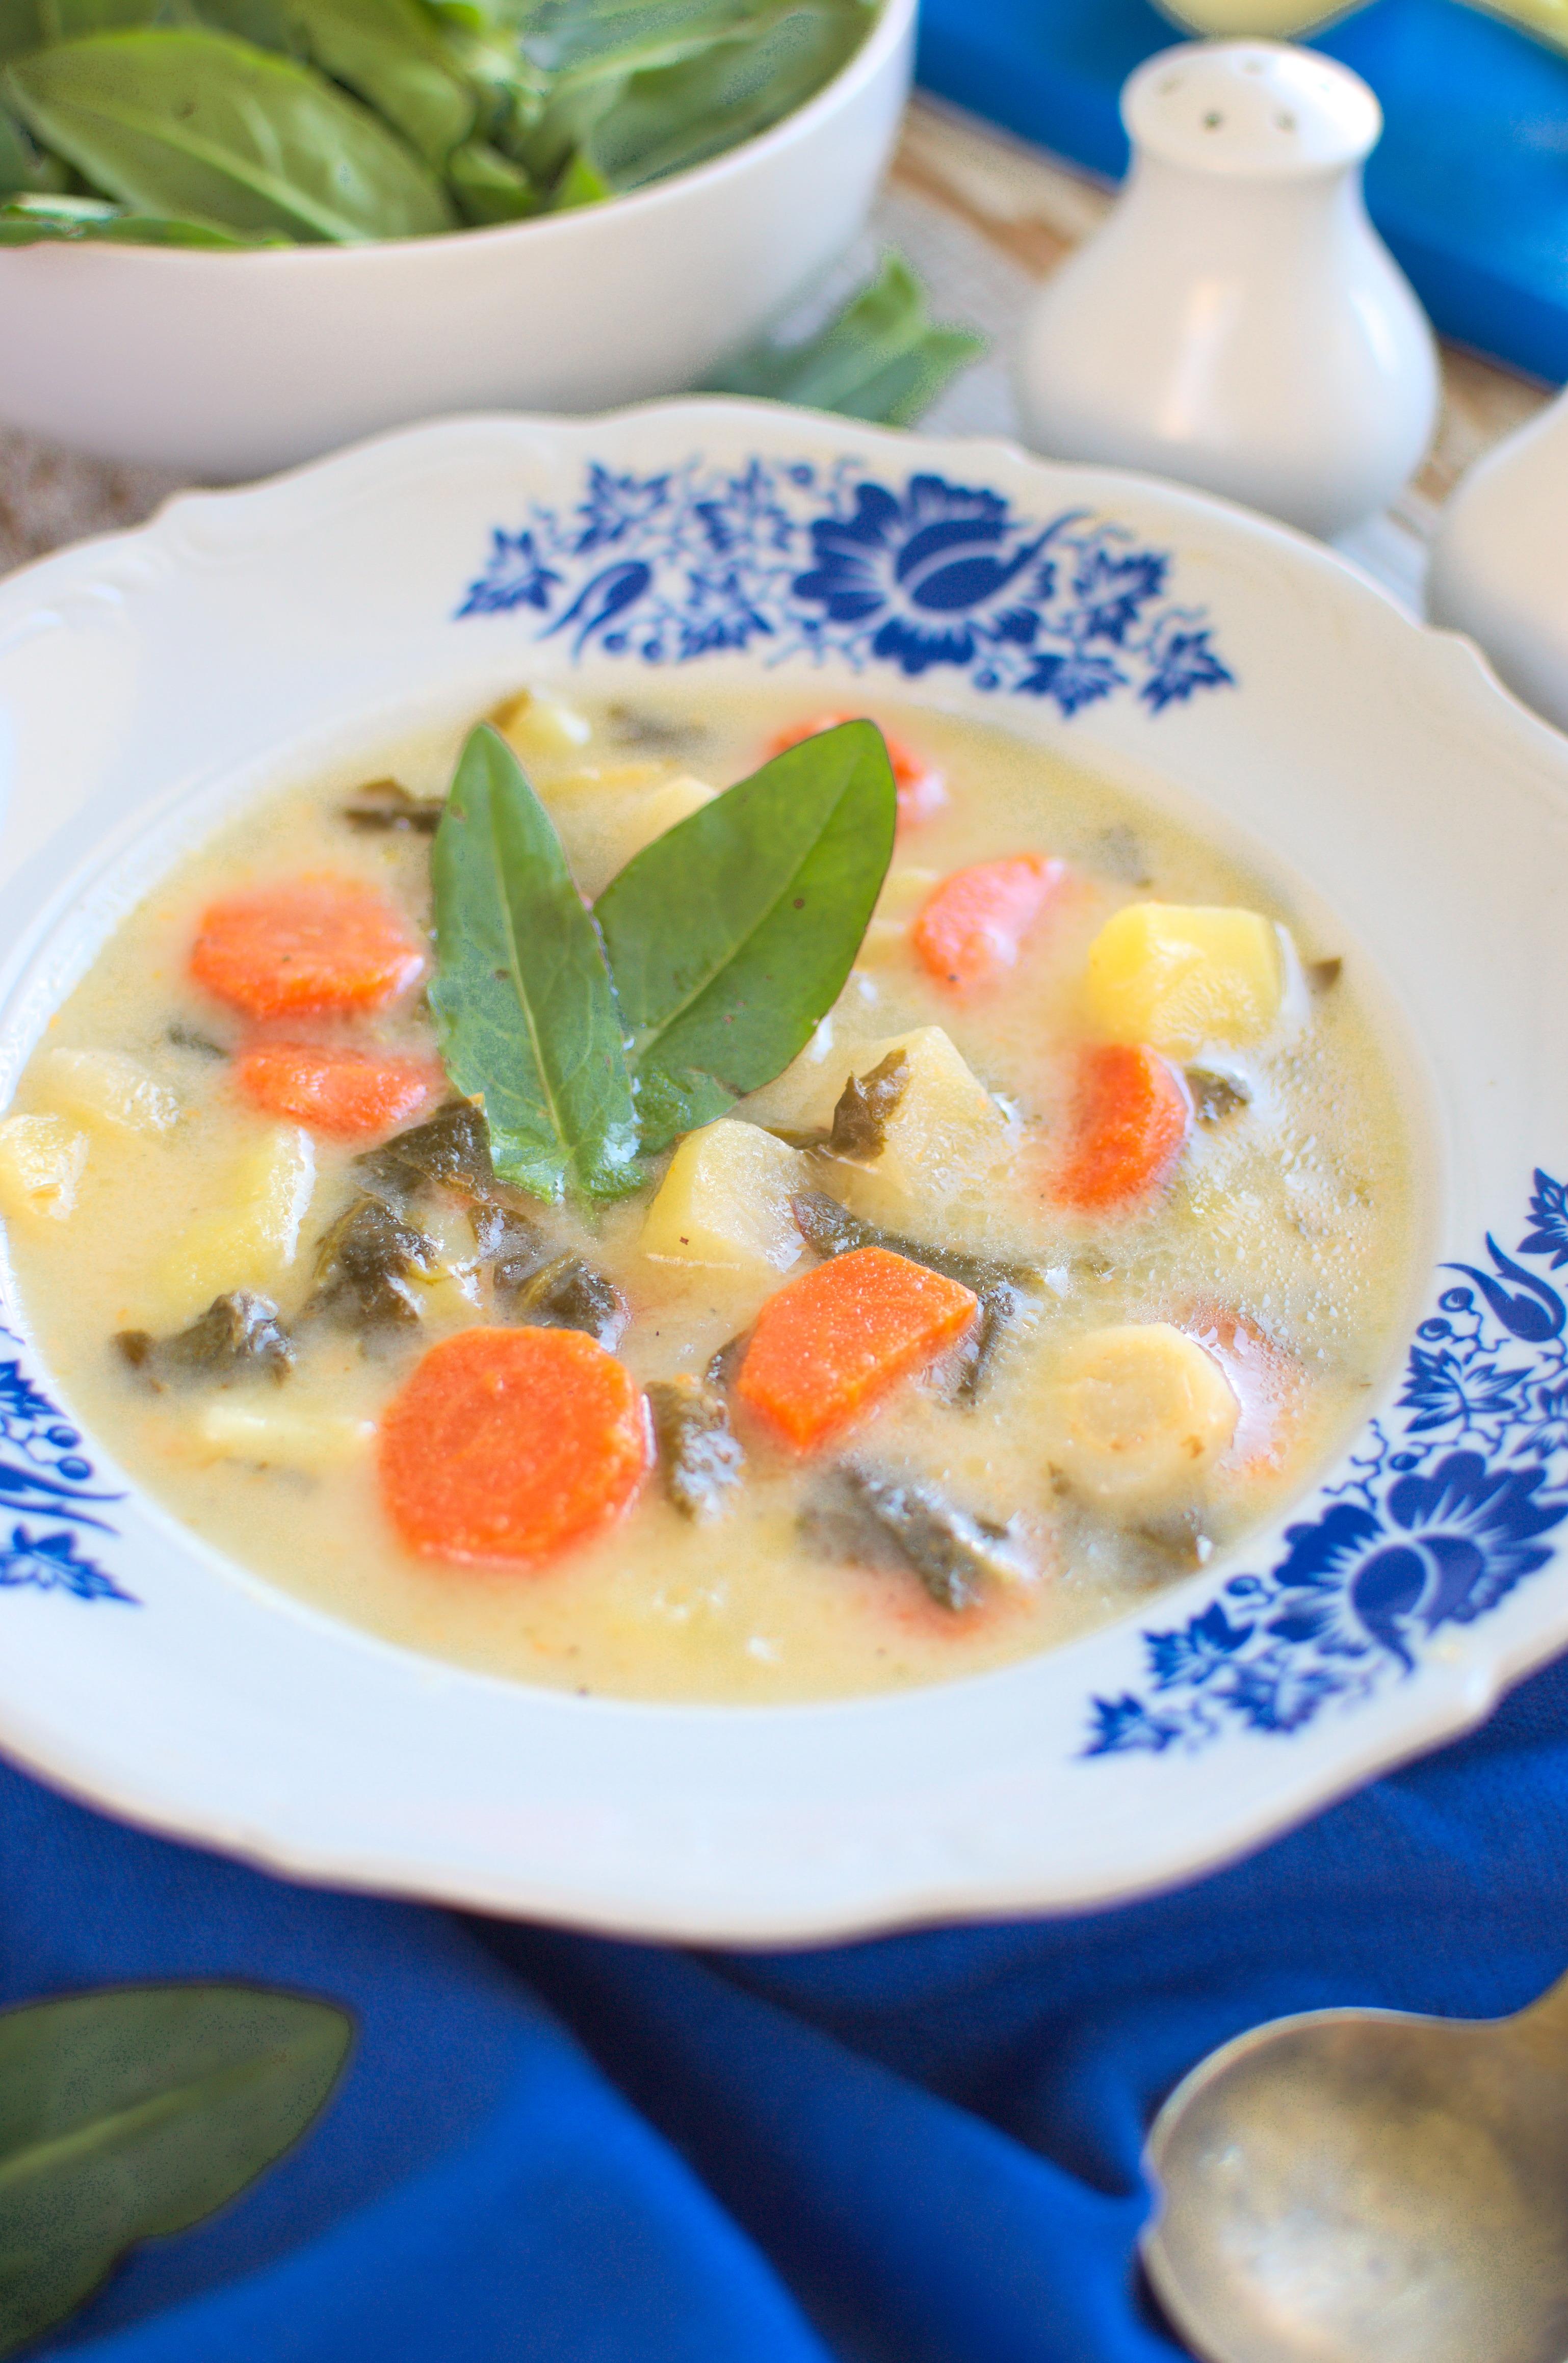 Zupa warzywna ze szczawiem